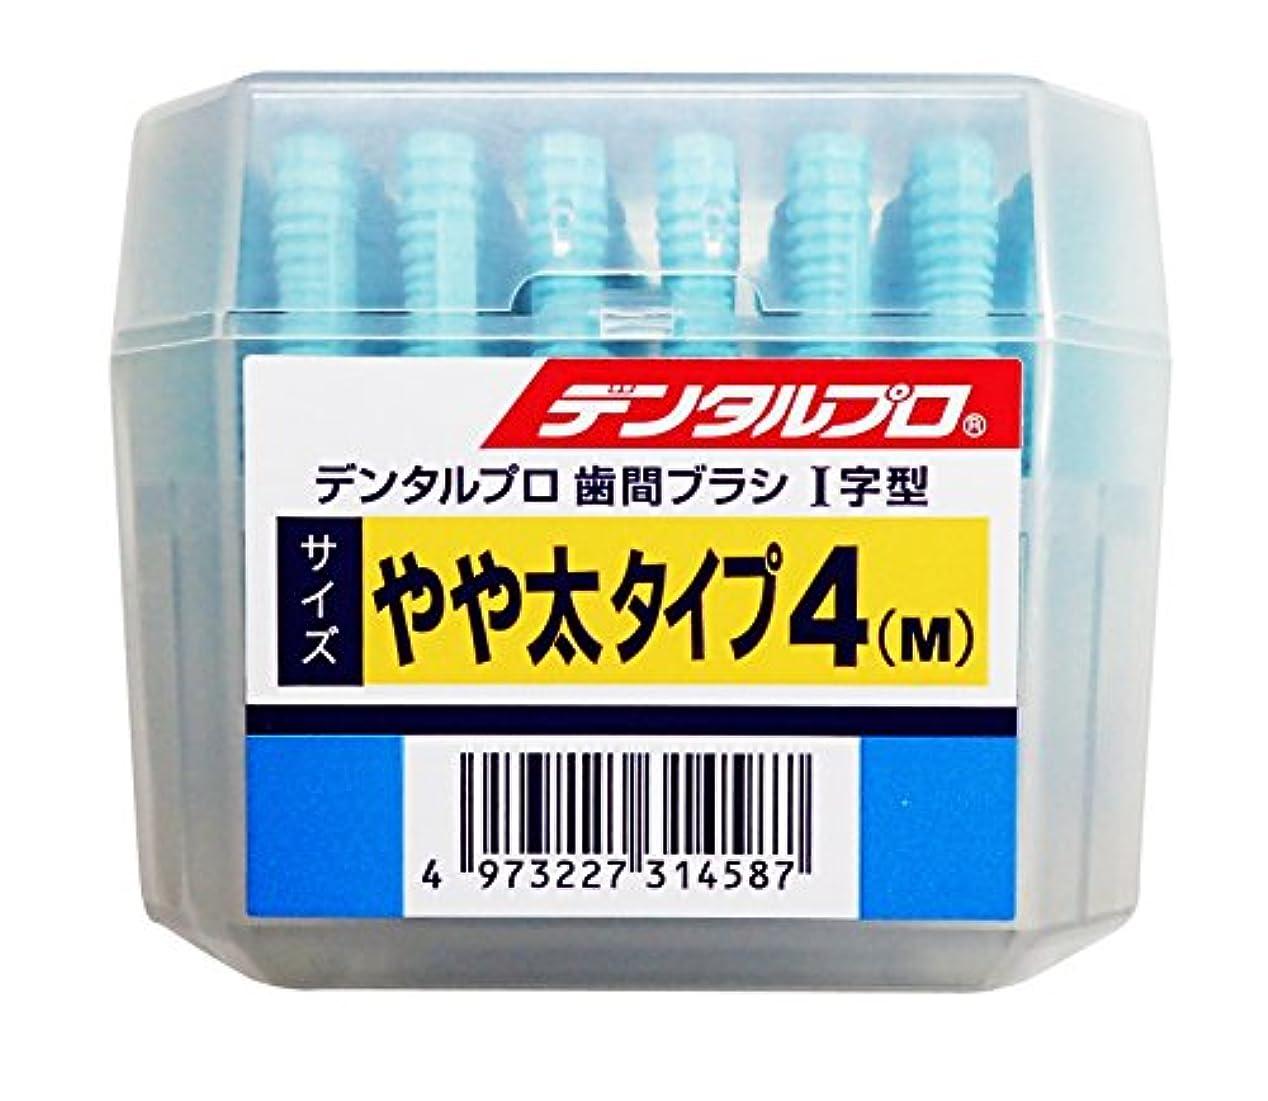 いつもテーマ繁雑デンタルプロ 歯間ブラシ<I字型> サイズ4(M) 50本